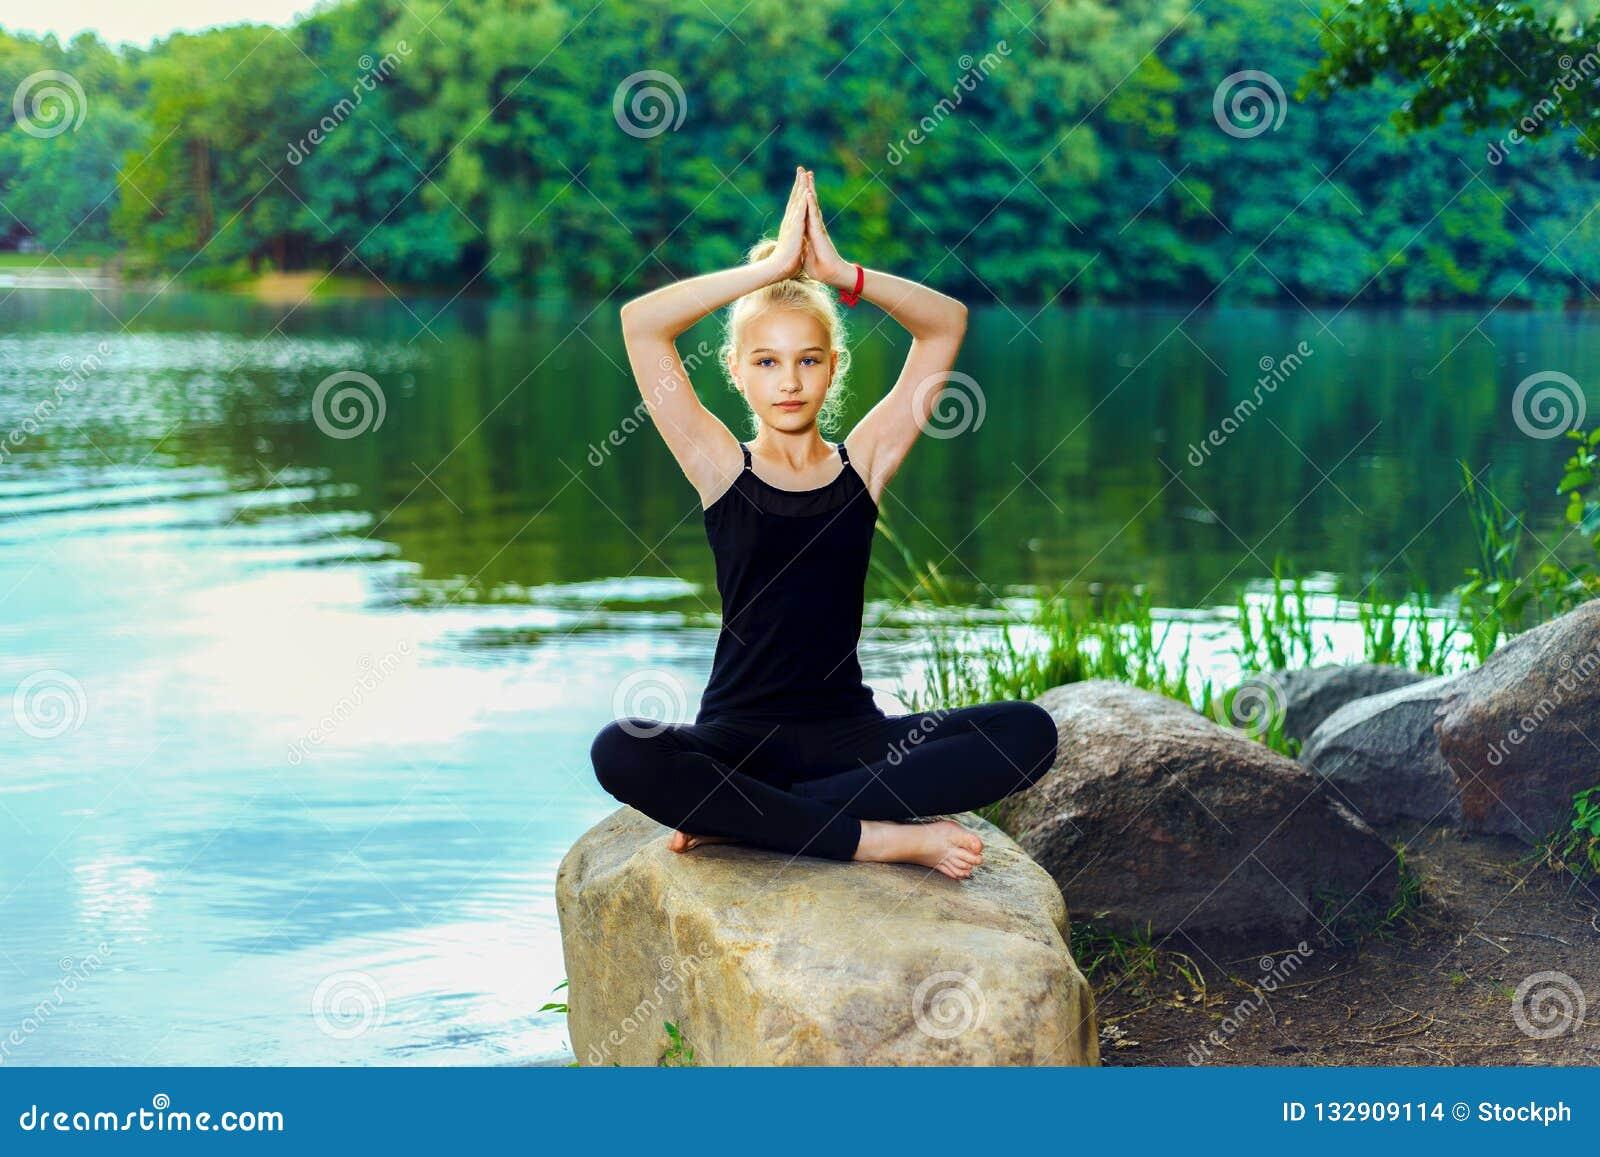 Młoda dziewczyna w czarnych leggings i koszulce siedzi na kamieniu w lotosowej pozie blisko jeziora